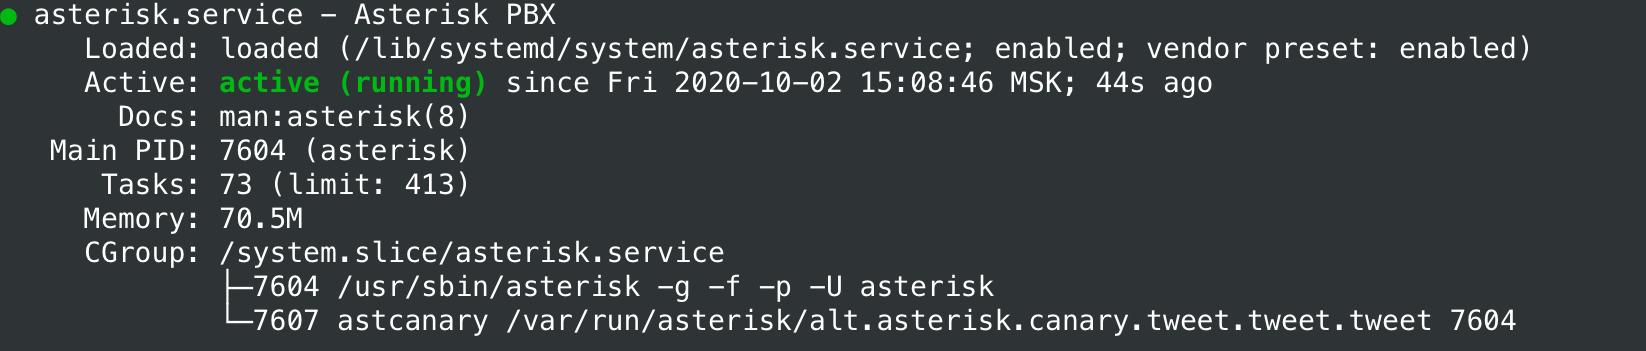 Виртуальная АТС. Часть 1: Простая установка Asterisk на Ubuntu 20.04 - 3